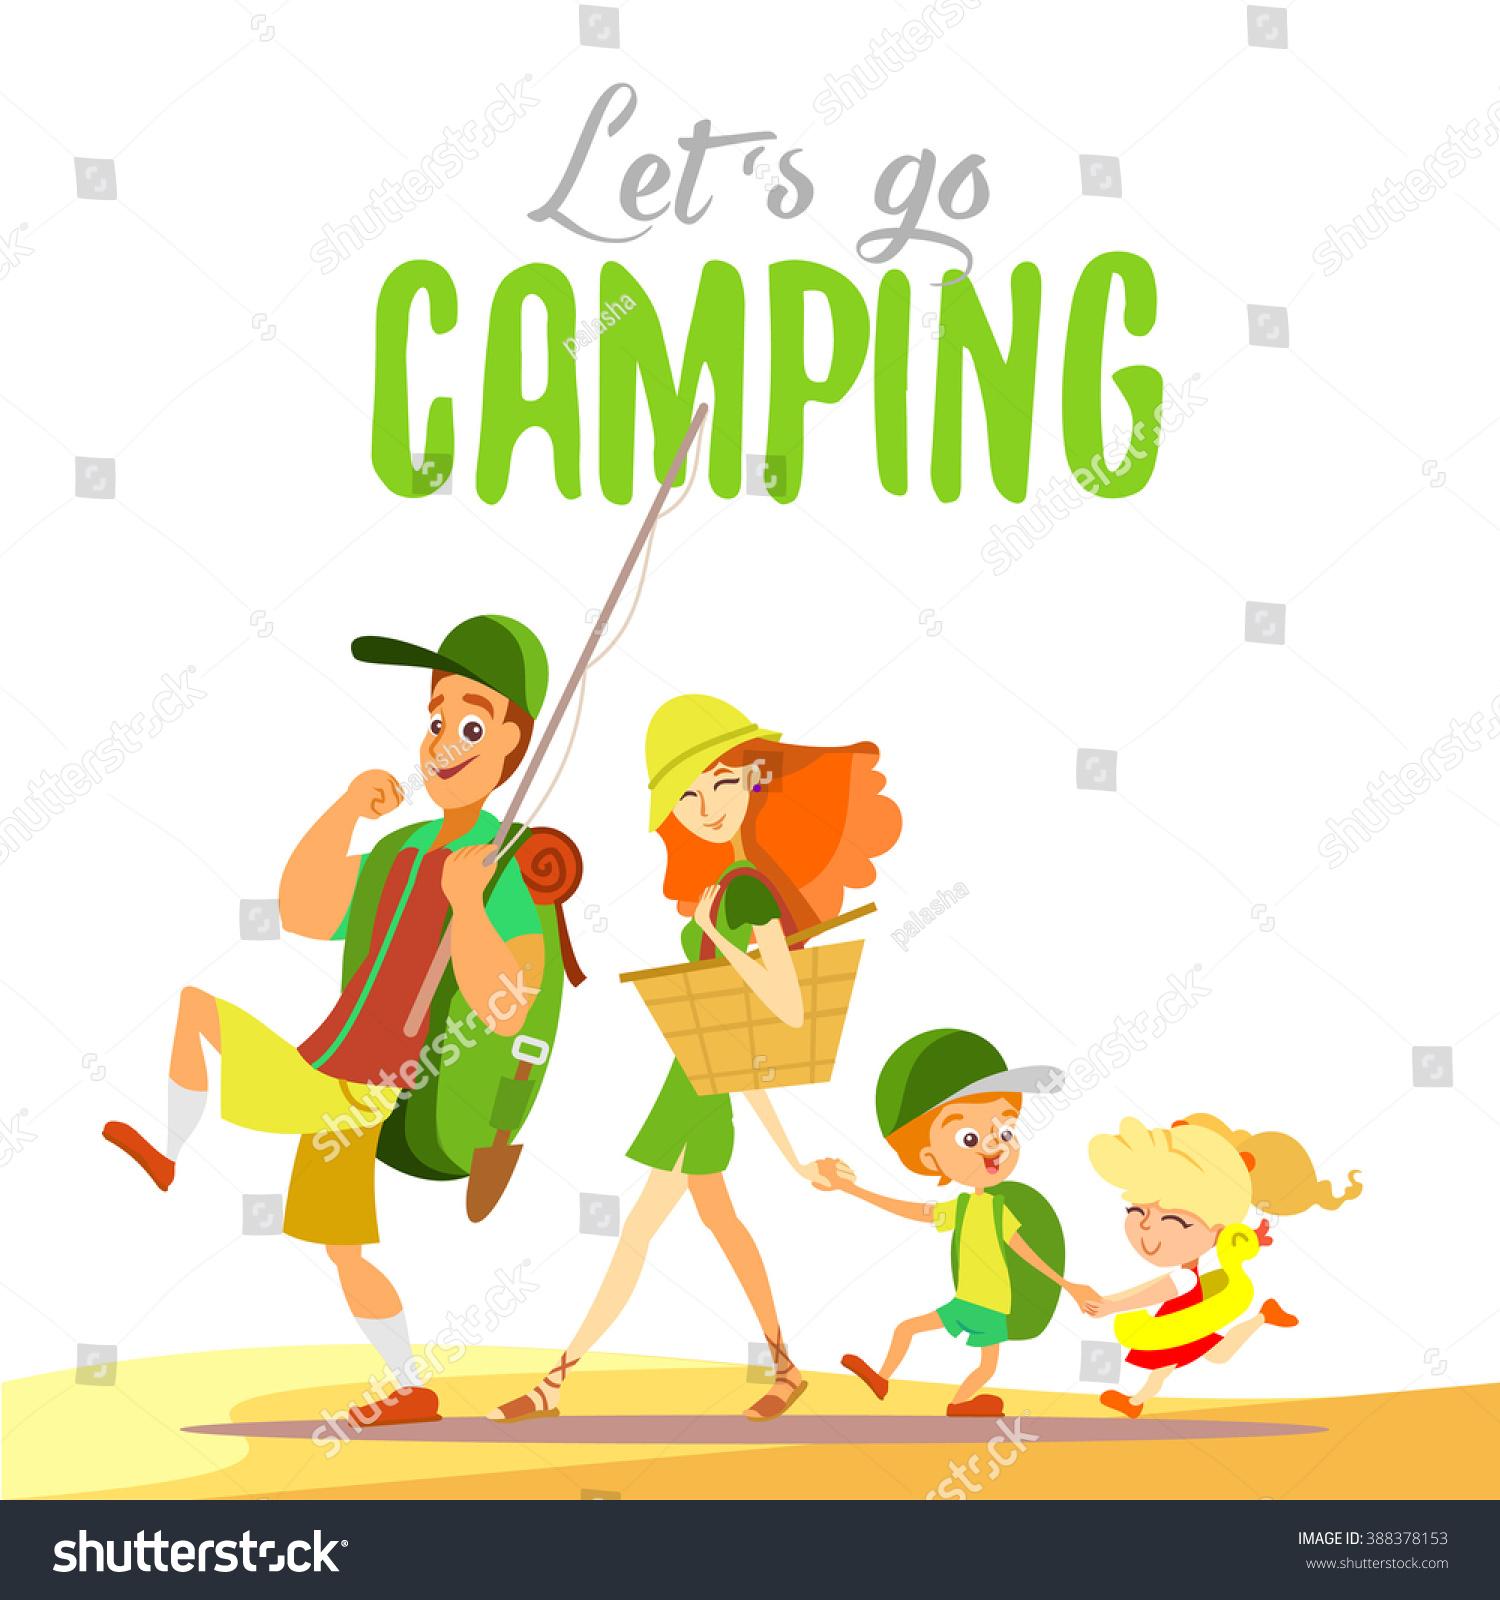 Family camping cartoon